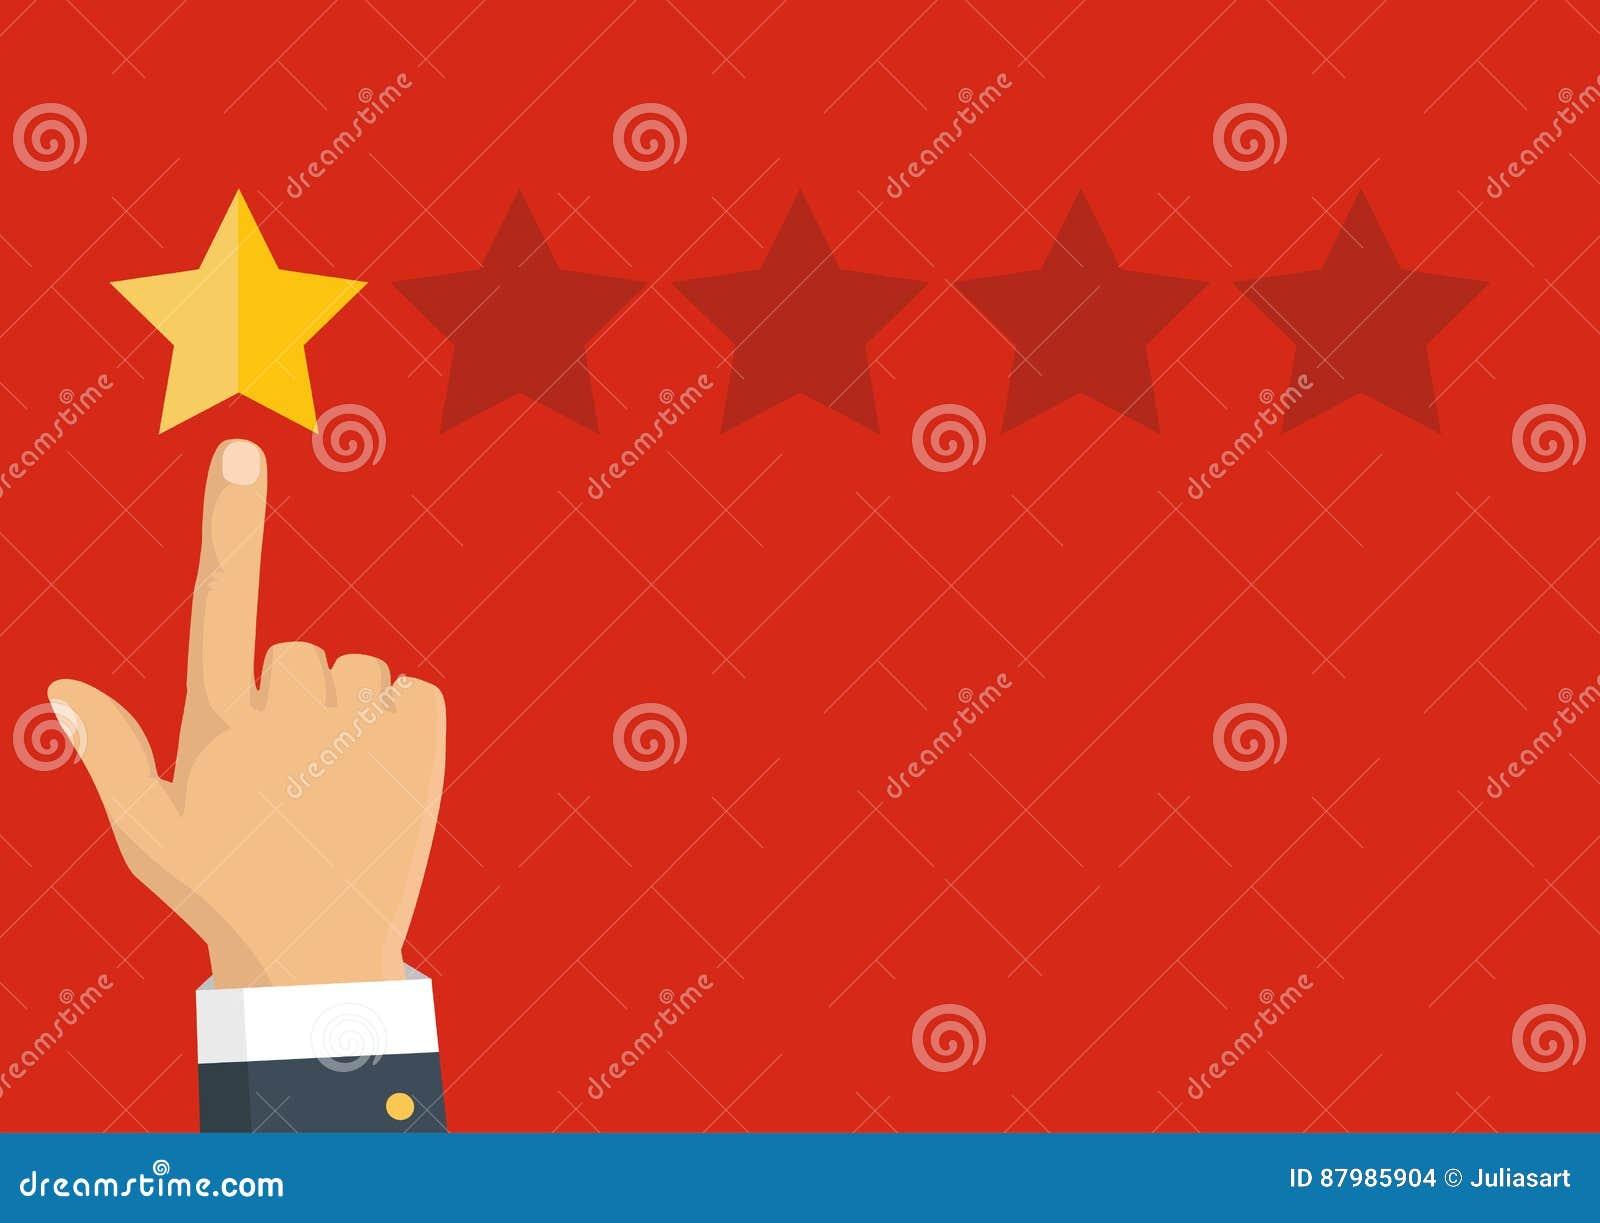 Veranschlagende goldene Sterne Feedback, Ansehen und Qualitätskonzept